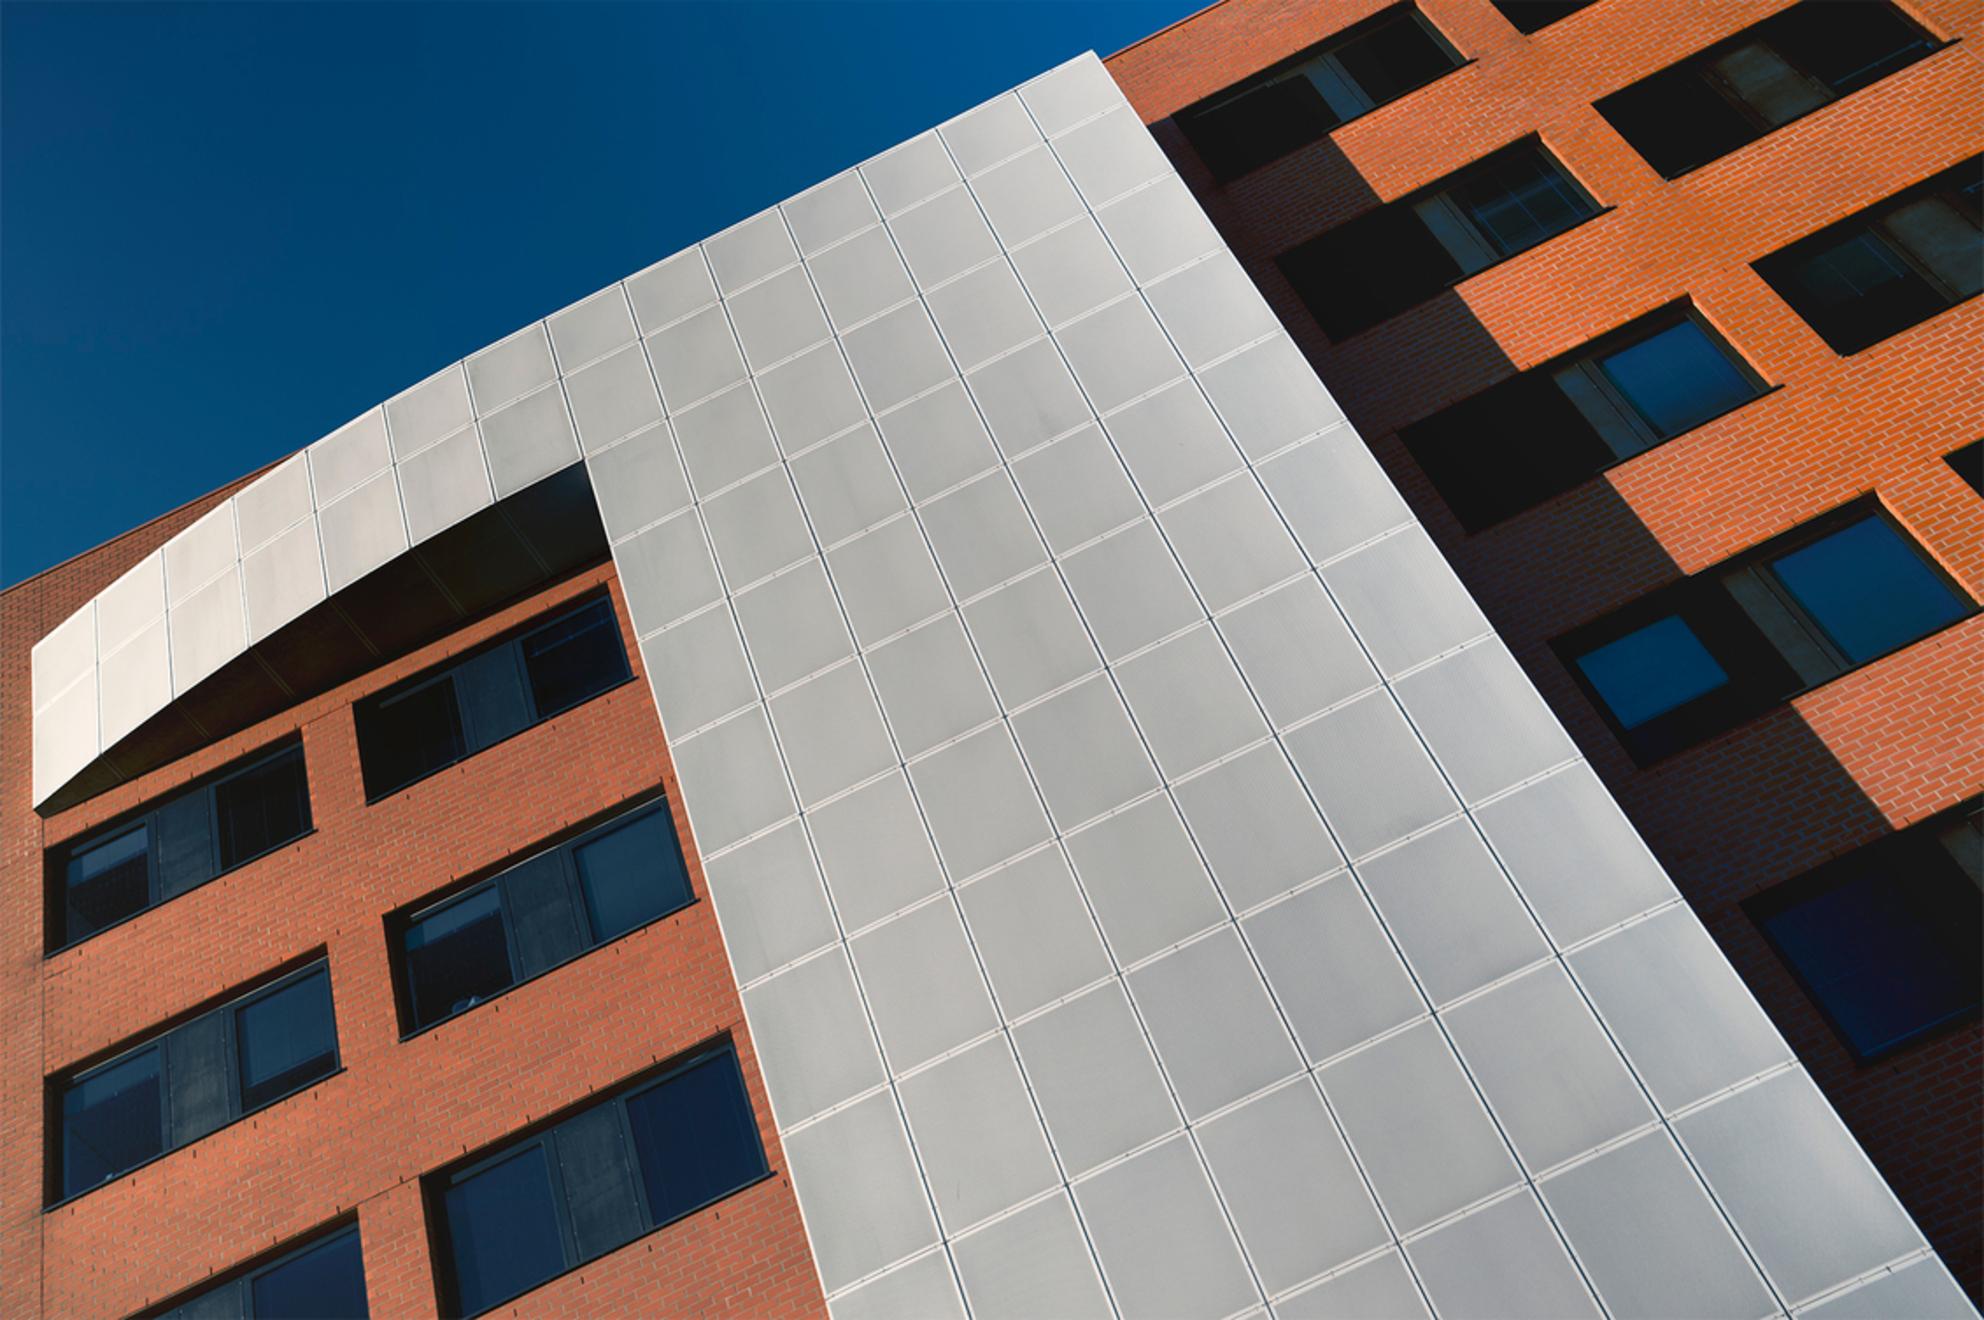 Wit begint - omdat men vond dat zwart vaker won bij het schaken :-) - foto door corvee1r op 08-03-2021 - deze foto bevat: lucht, abstract, lijnen, architectuur, gebouw, perspectief, groningen, modern, corvee1r